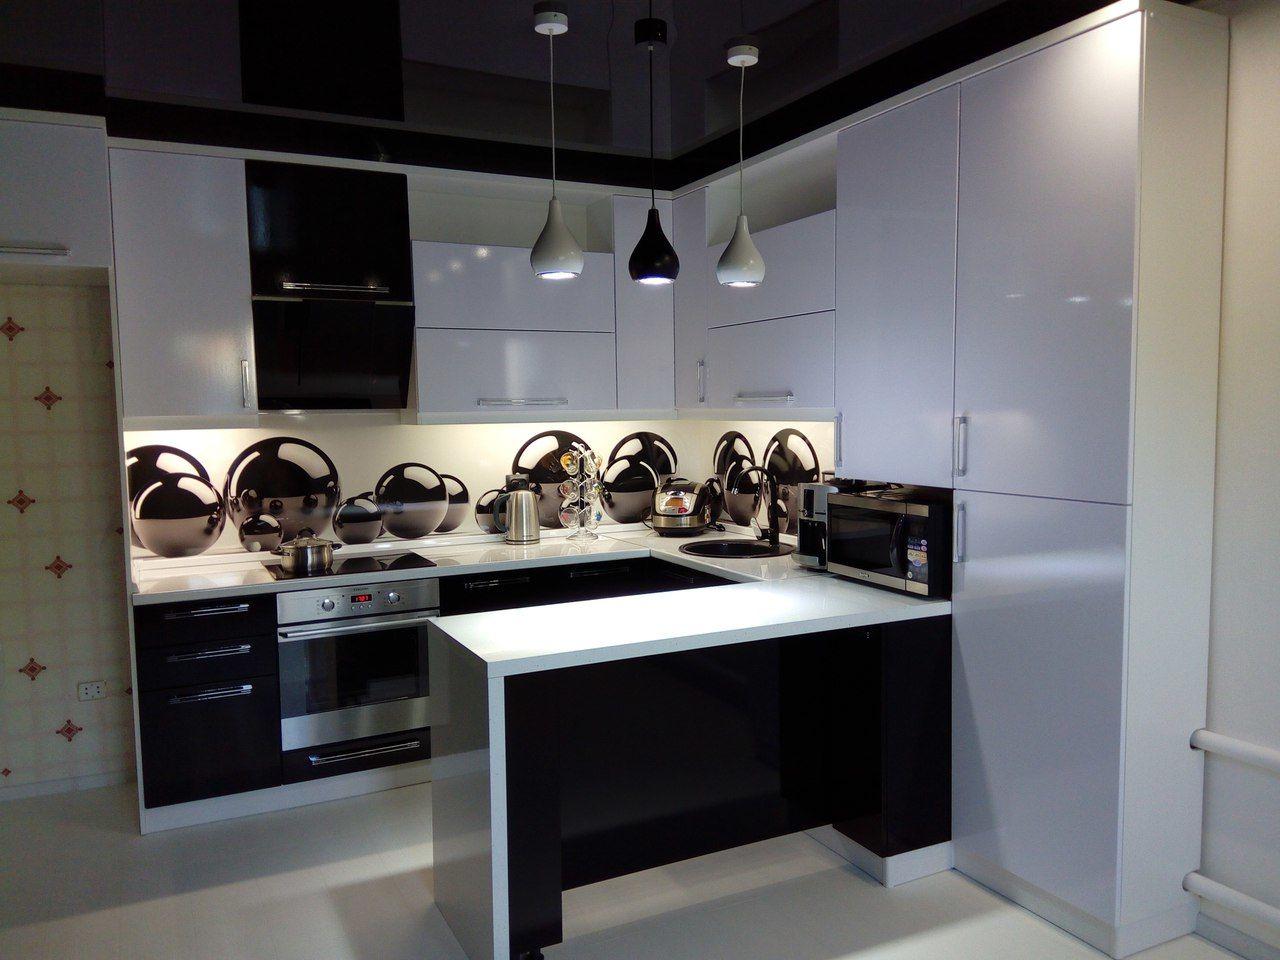 также фото кухни в панельке боковом шве